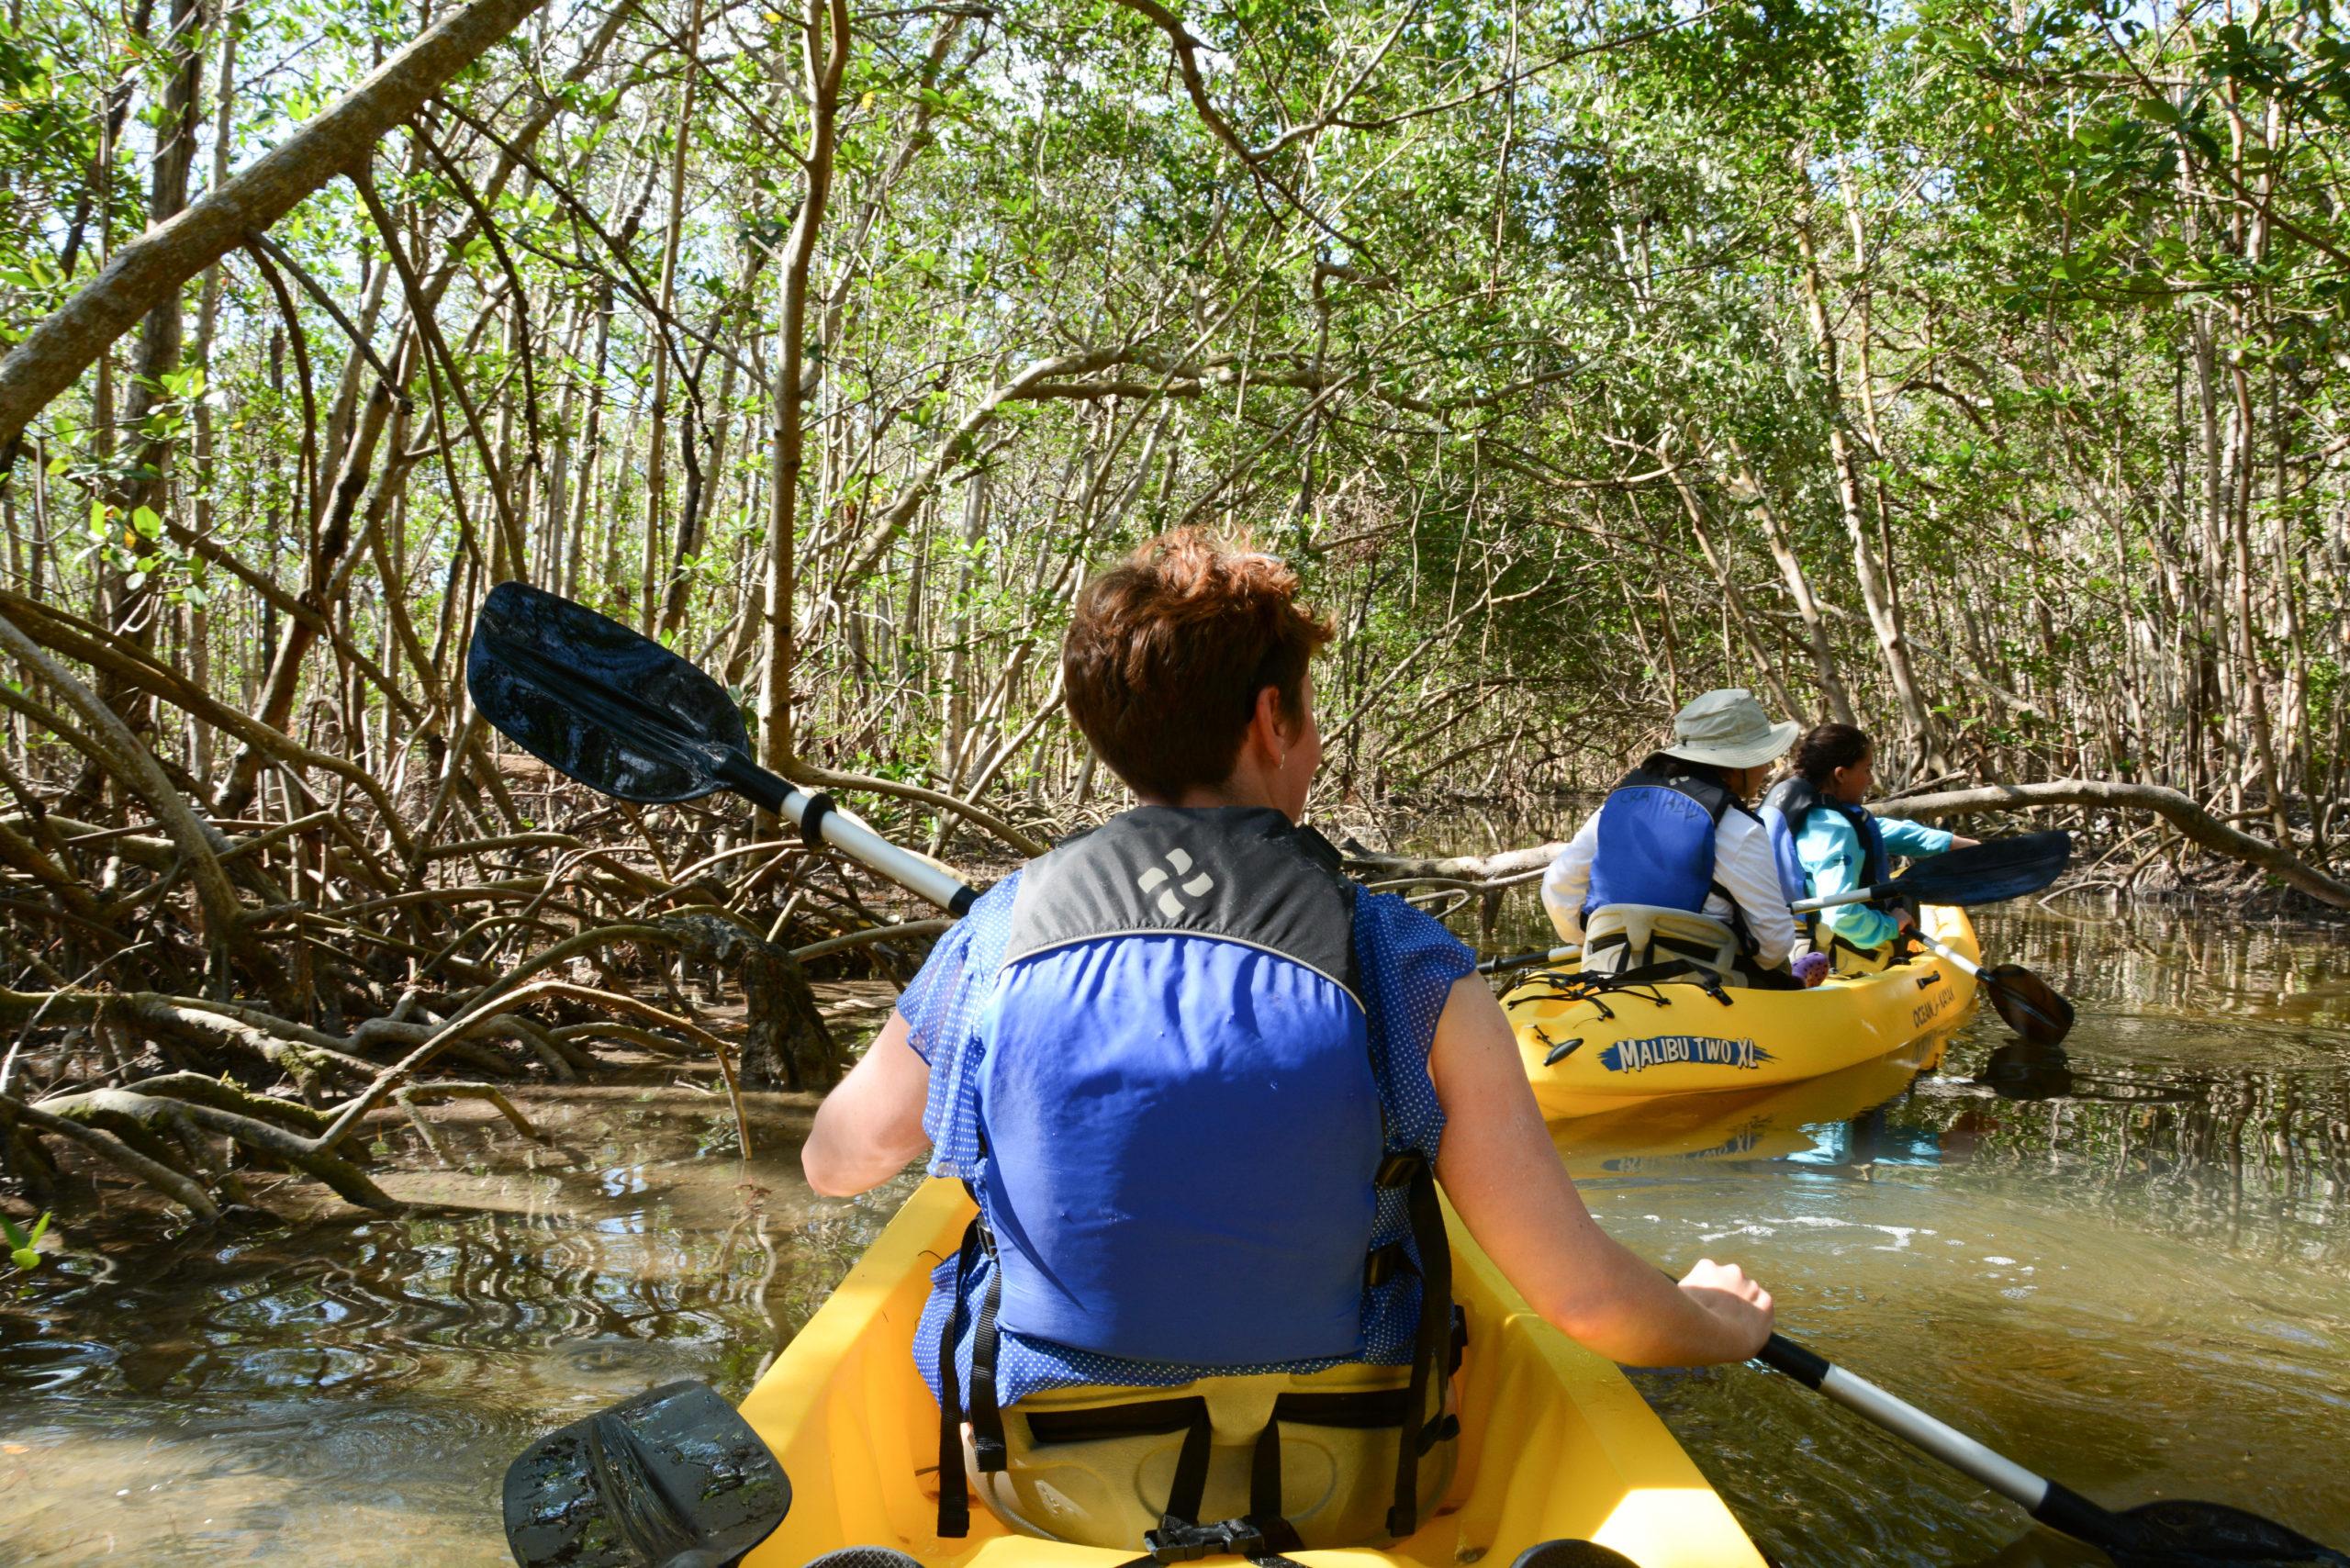 Paddeln durch einen Mangroventunnel in Südostflorida